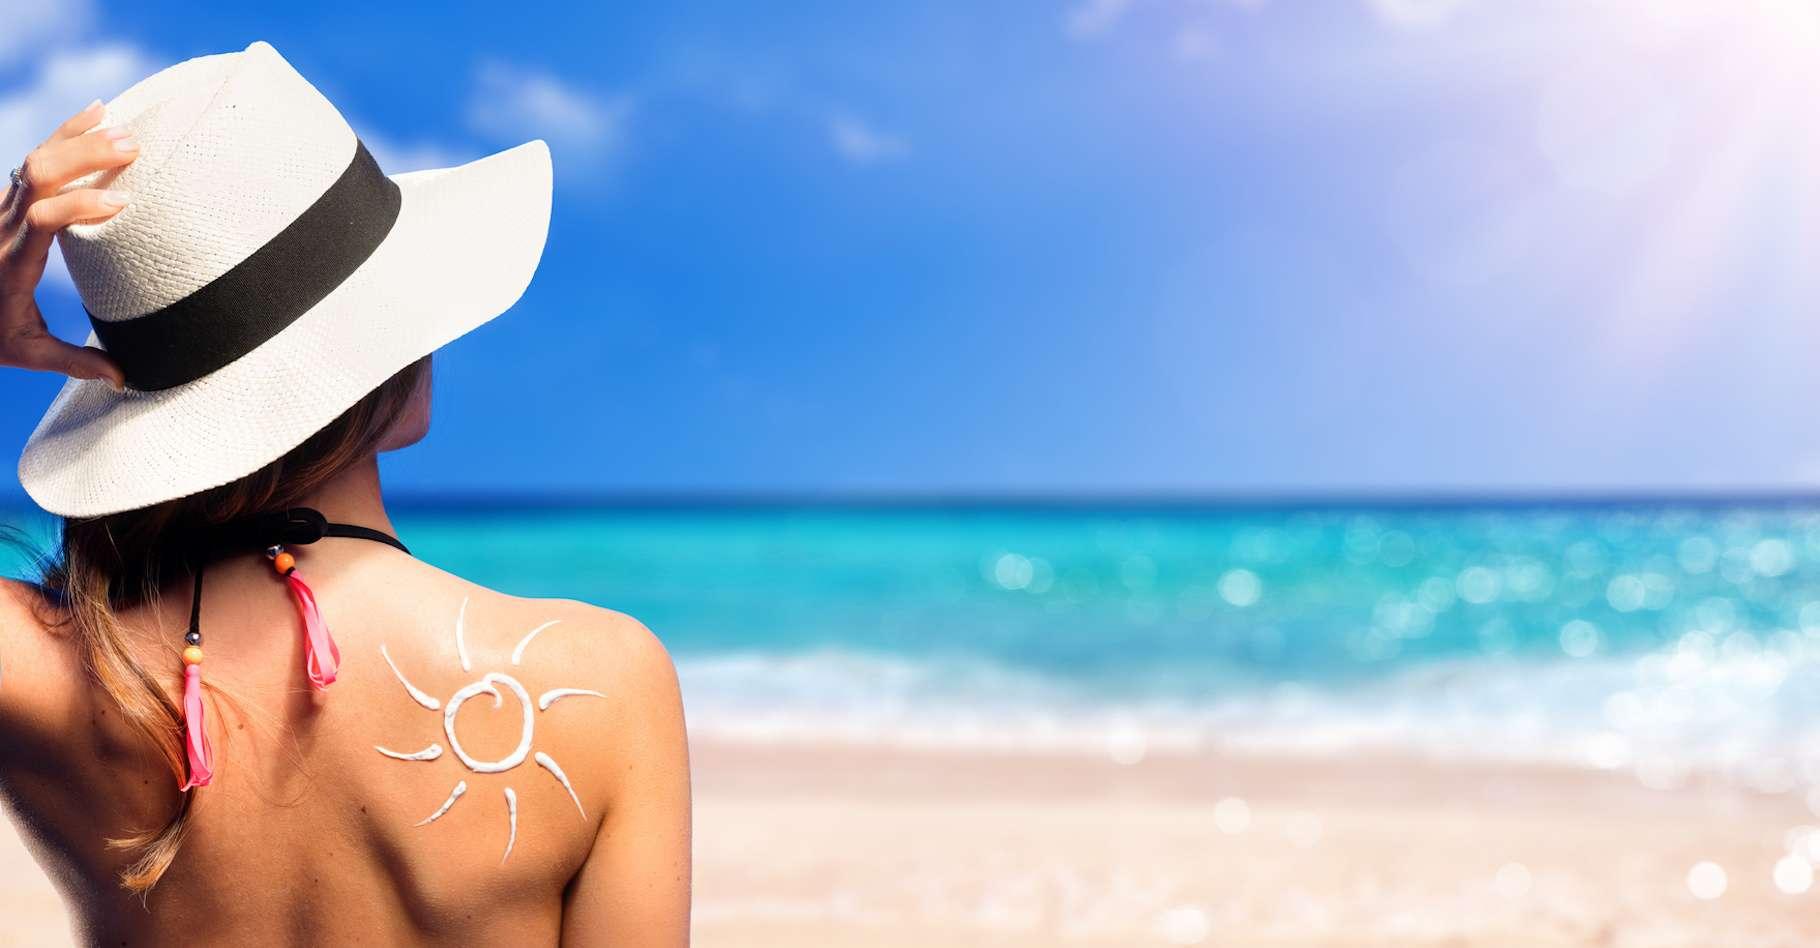 Certains composés chimiques de la crème solaire passeraient dans le sang et y resteraient pendant une période prolongée © Romolo Tavani, Fotolia